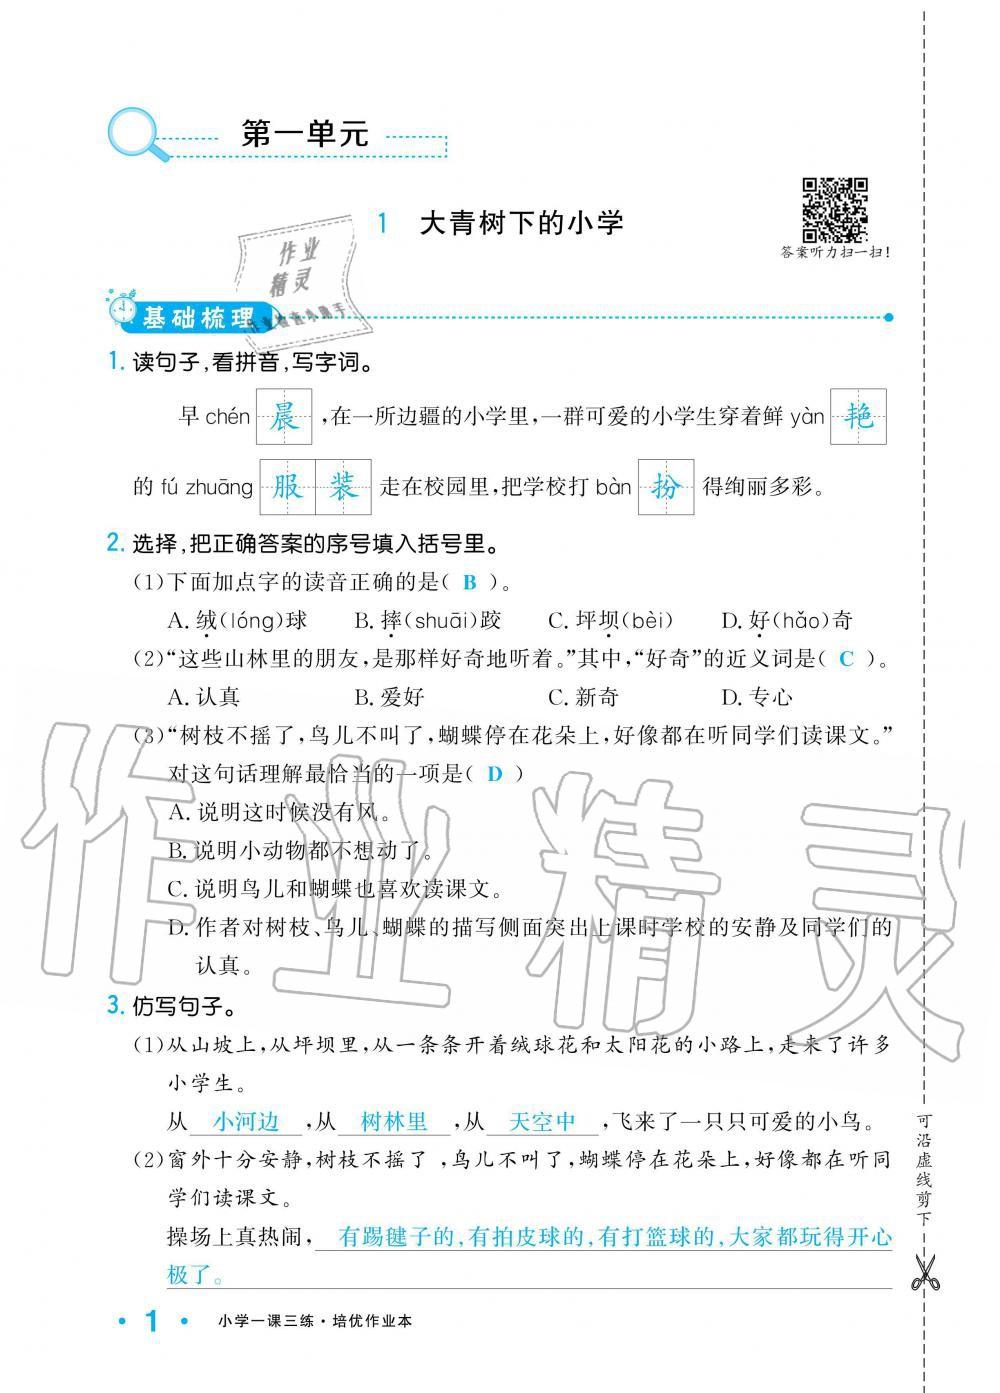 2019年小学1课3练培优作业本三年级语文上册人教版第1页